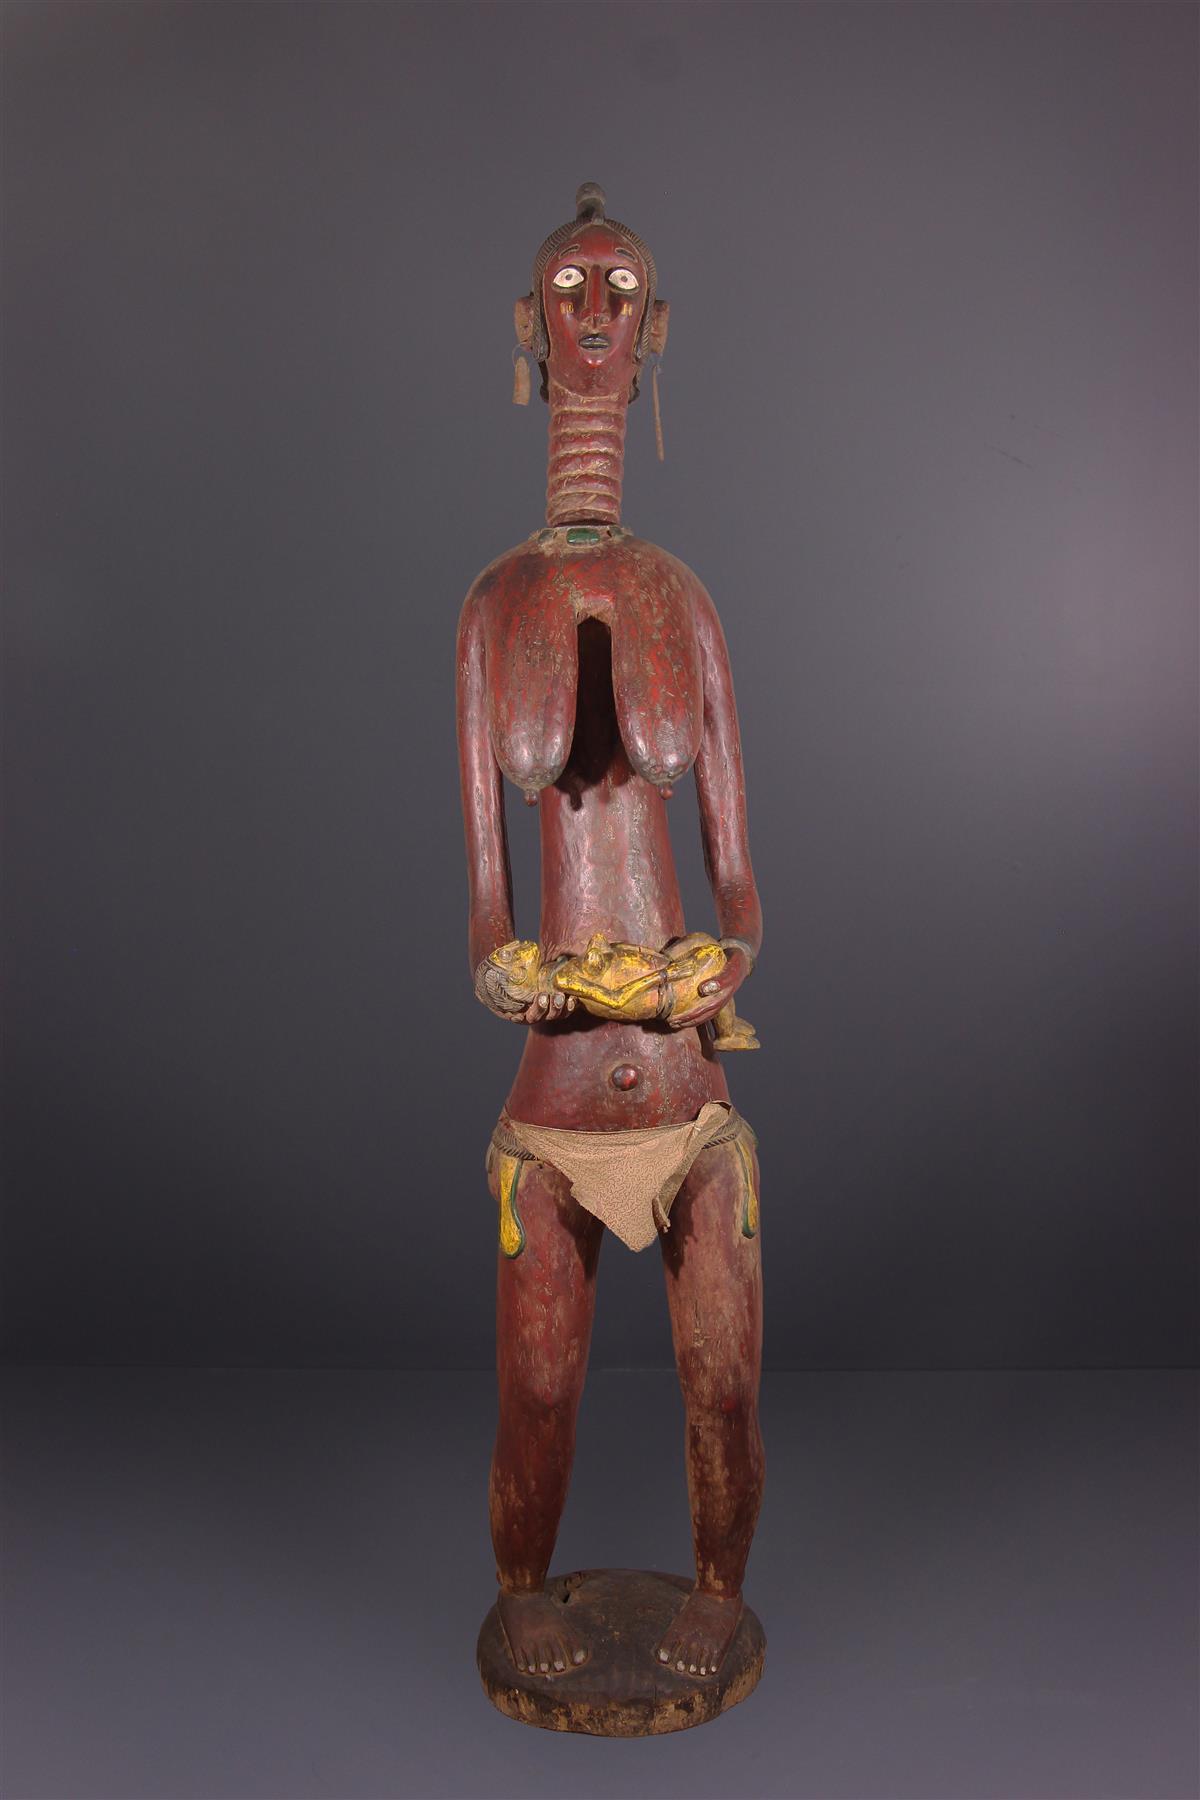 Baga statue - Tribal art